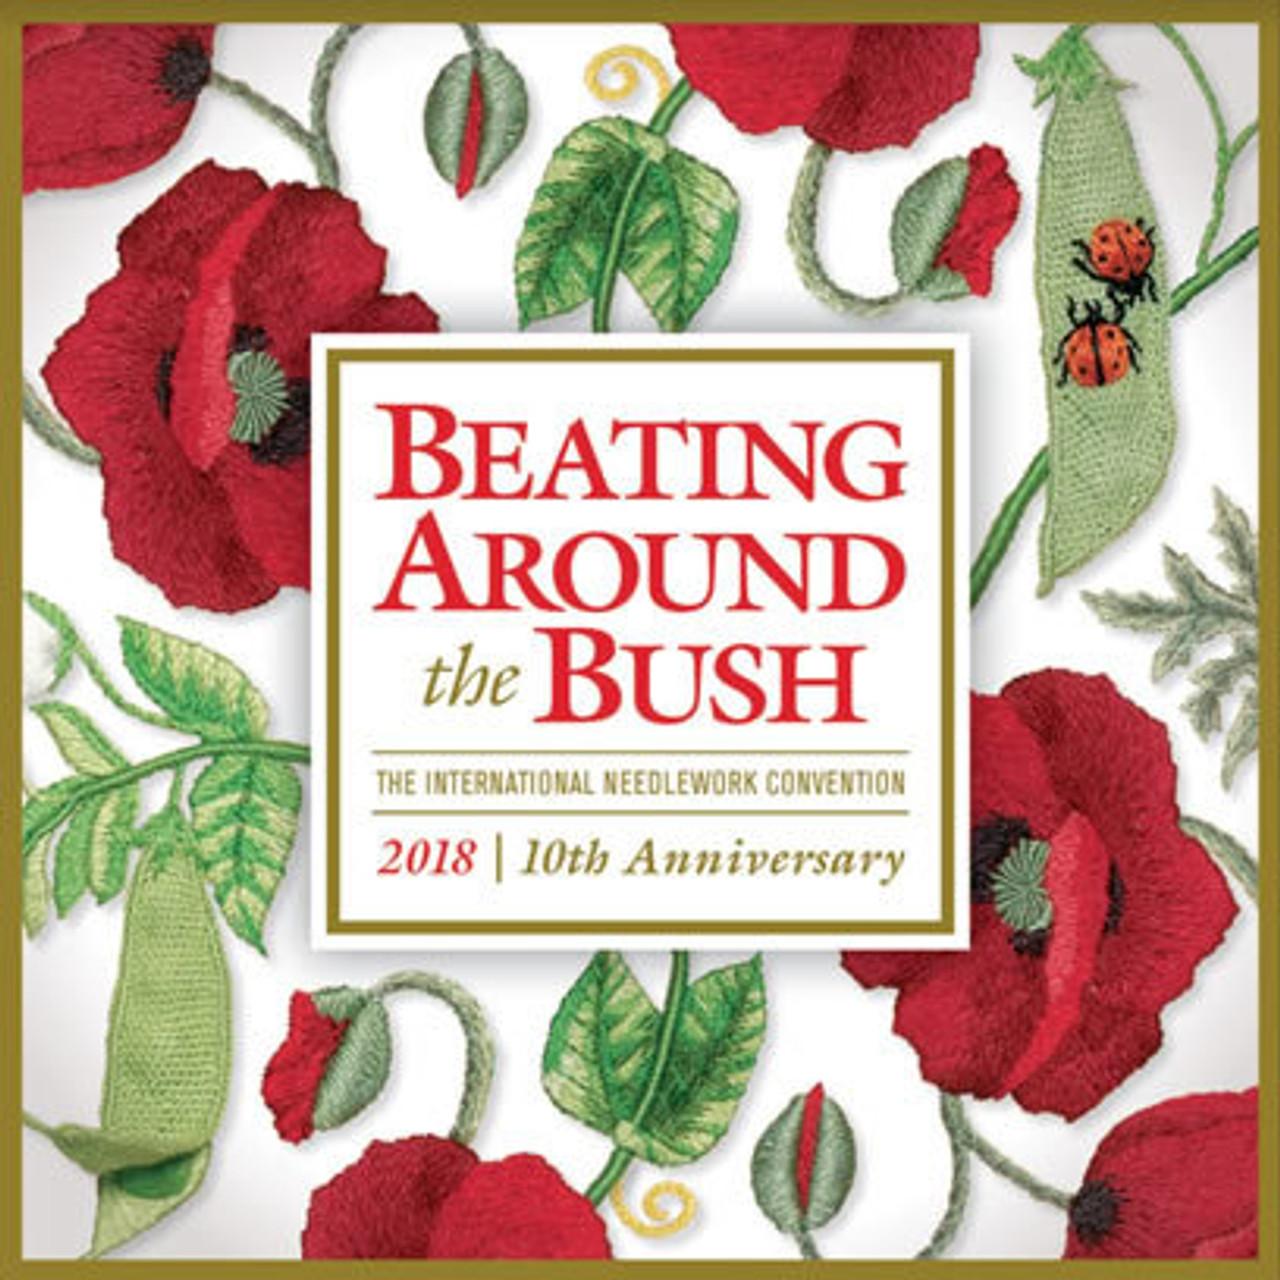 Beating around the Bush 2018